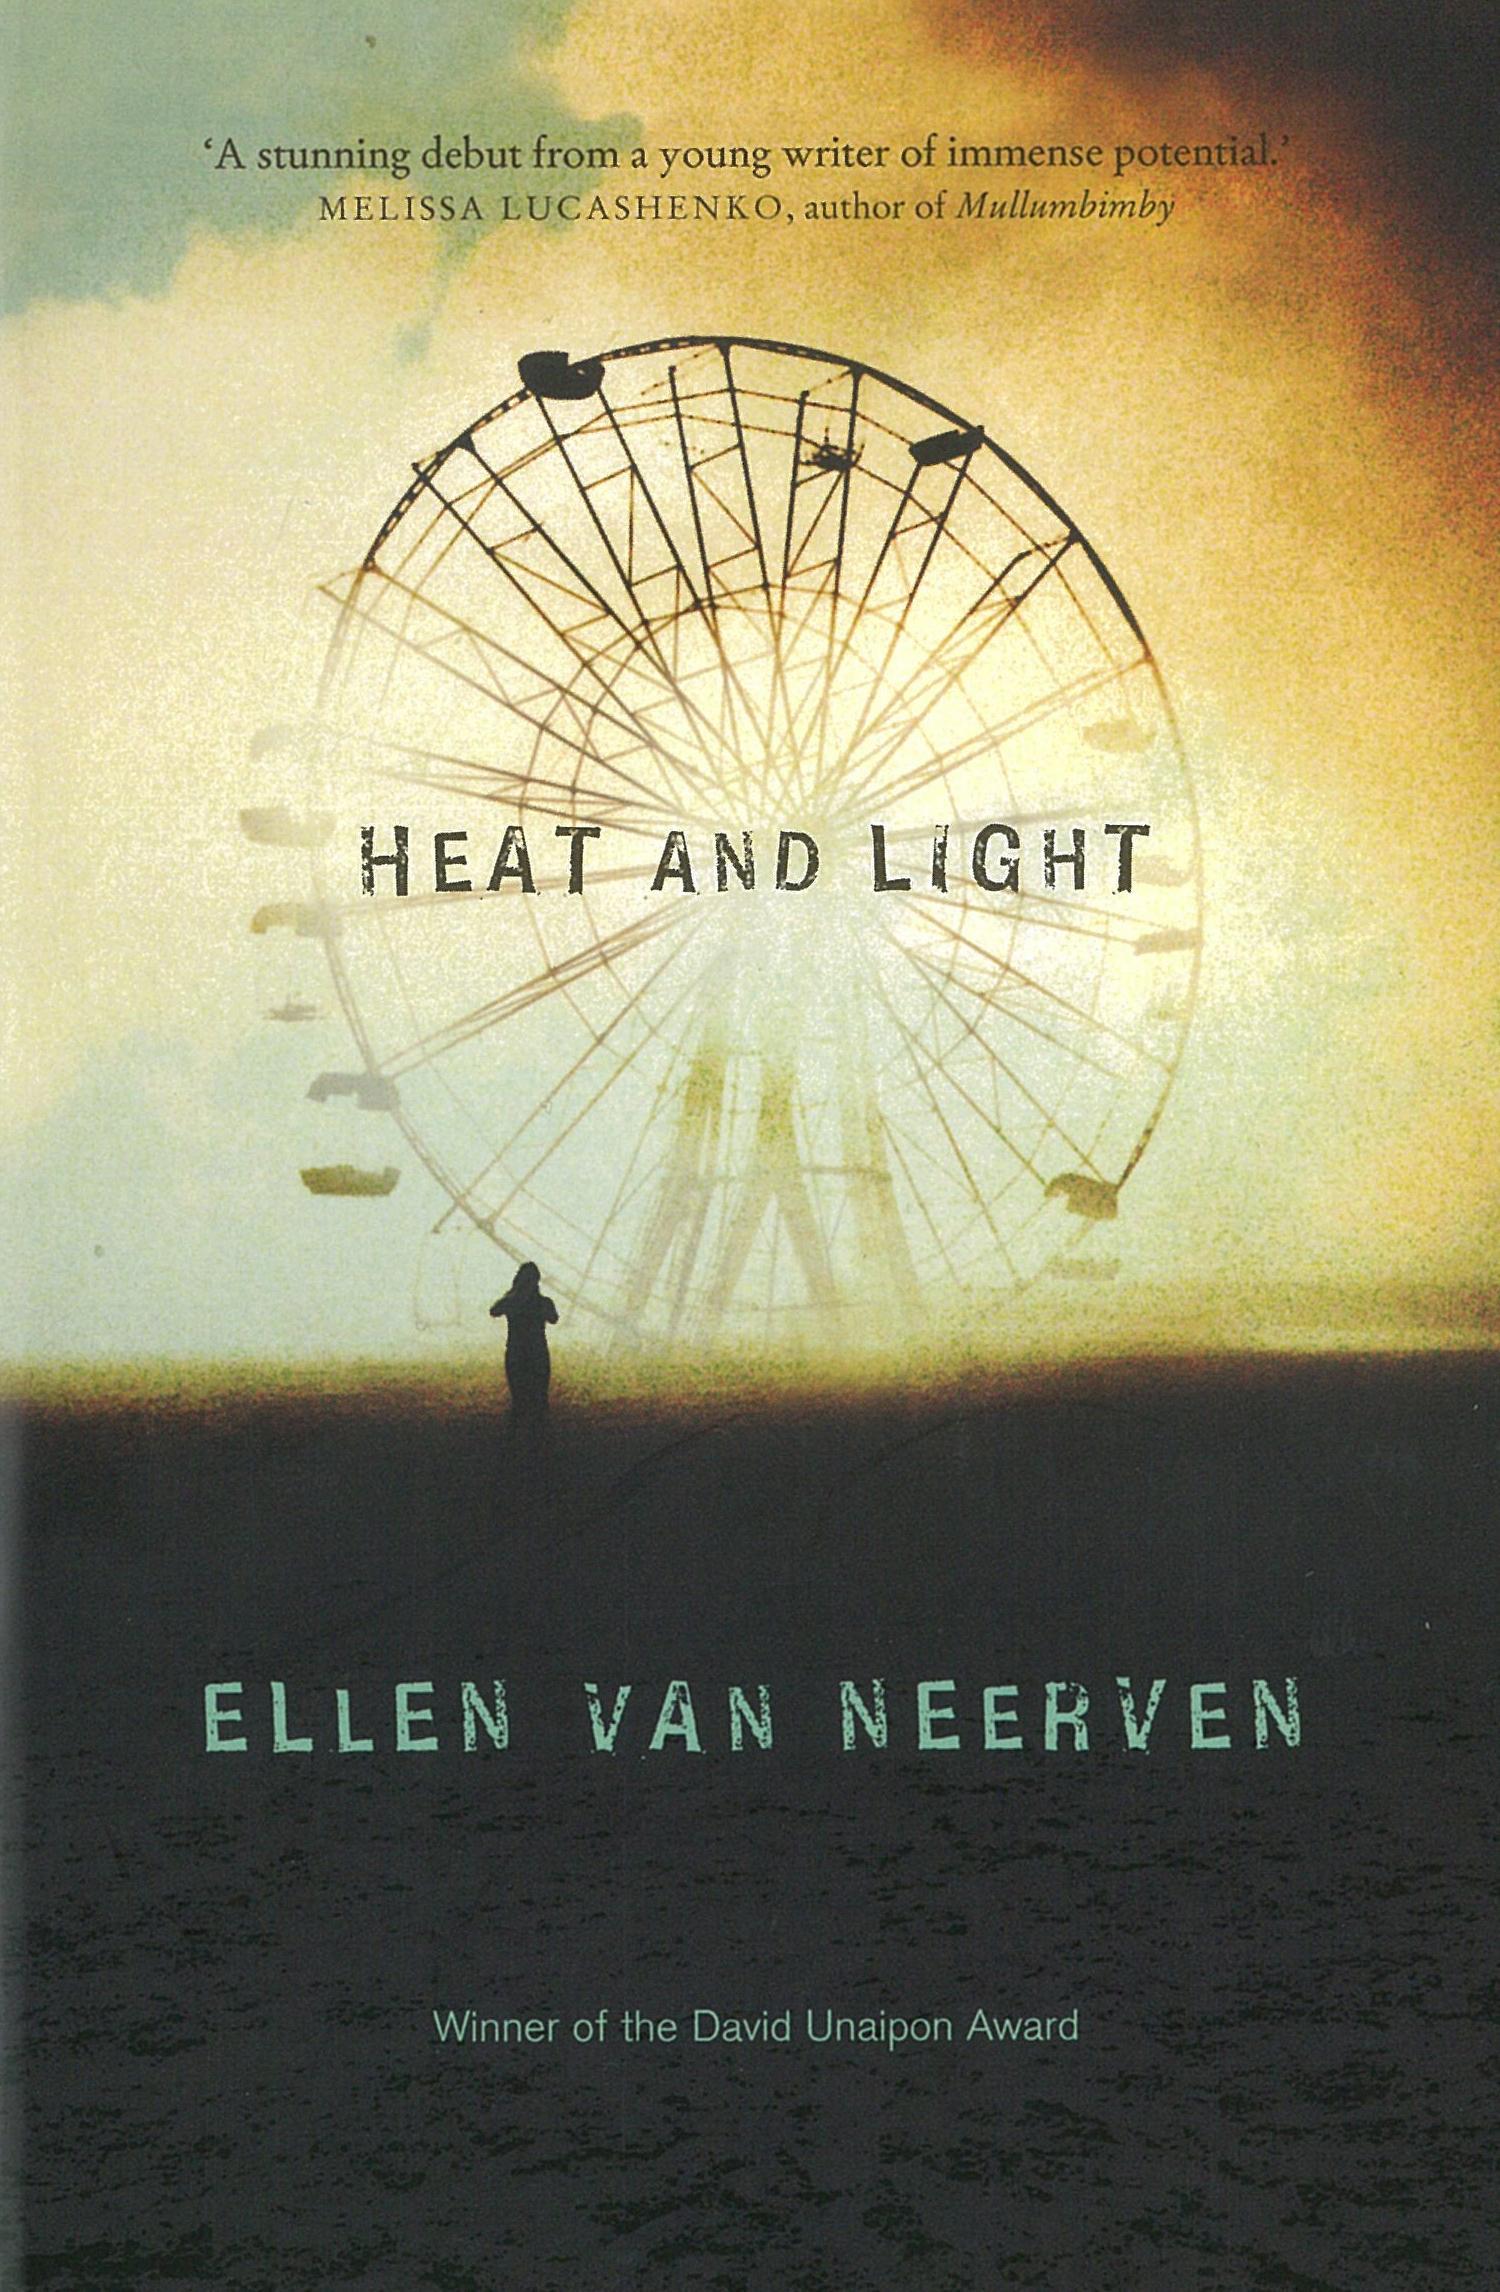 Cover of Ellen van Neerven's Heat and Light